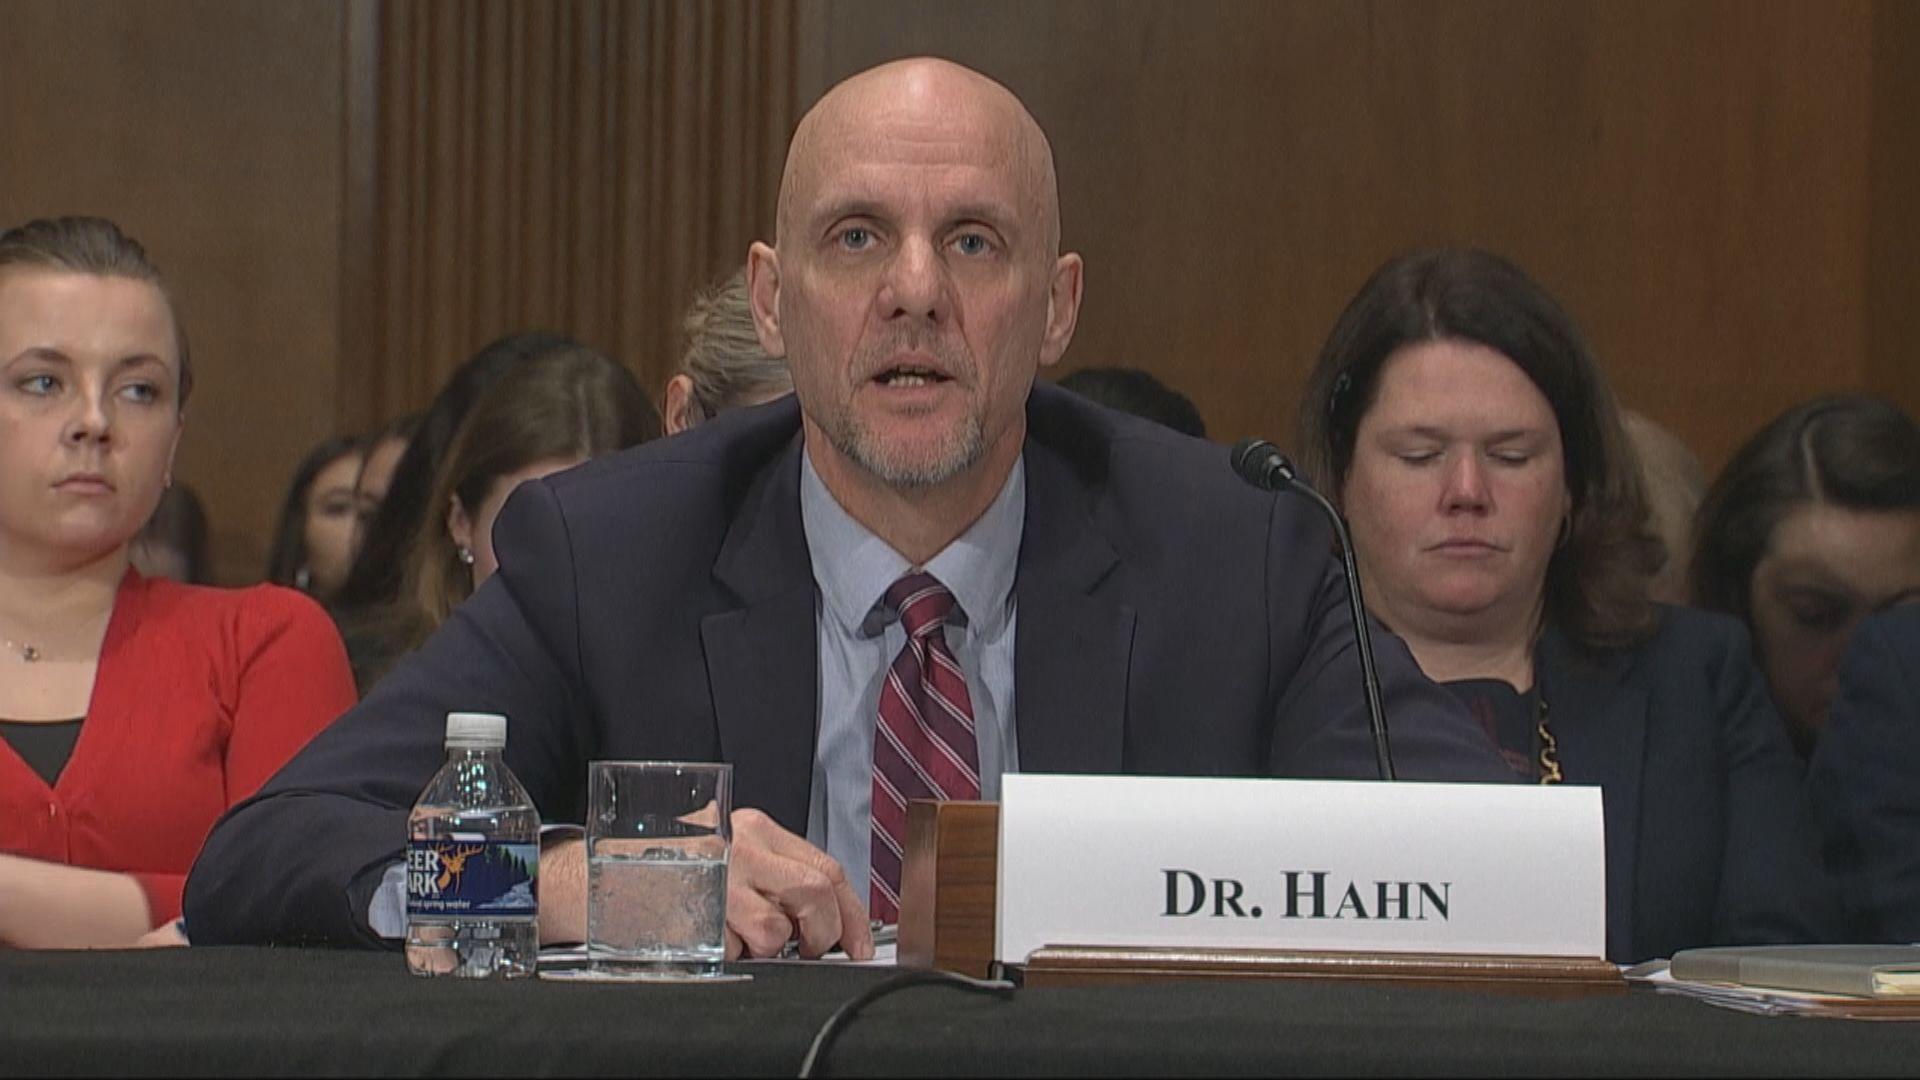 哈恩拒評論特朗普稱99%病例無害說法